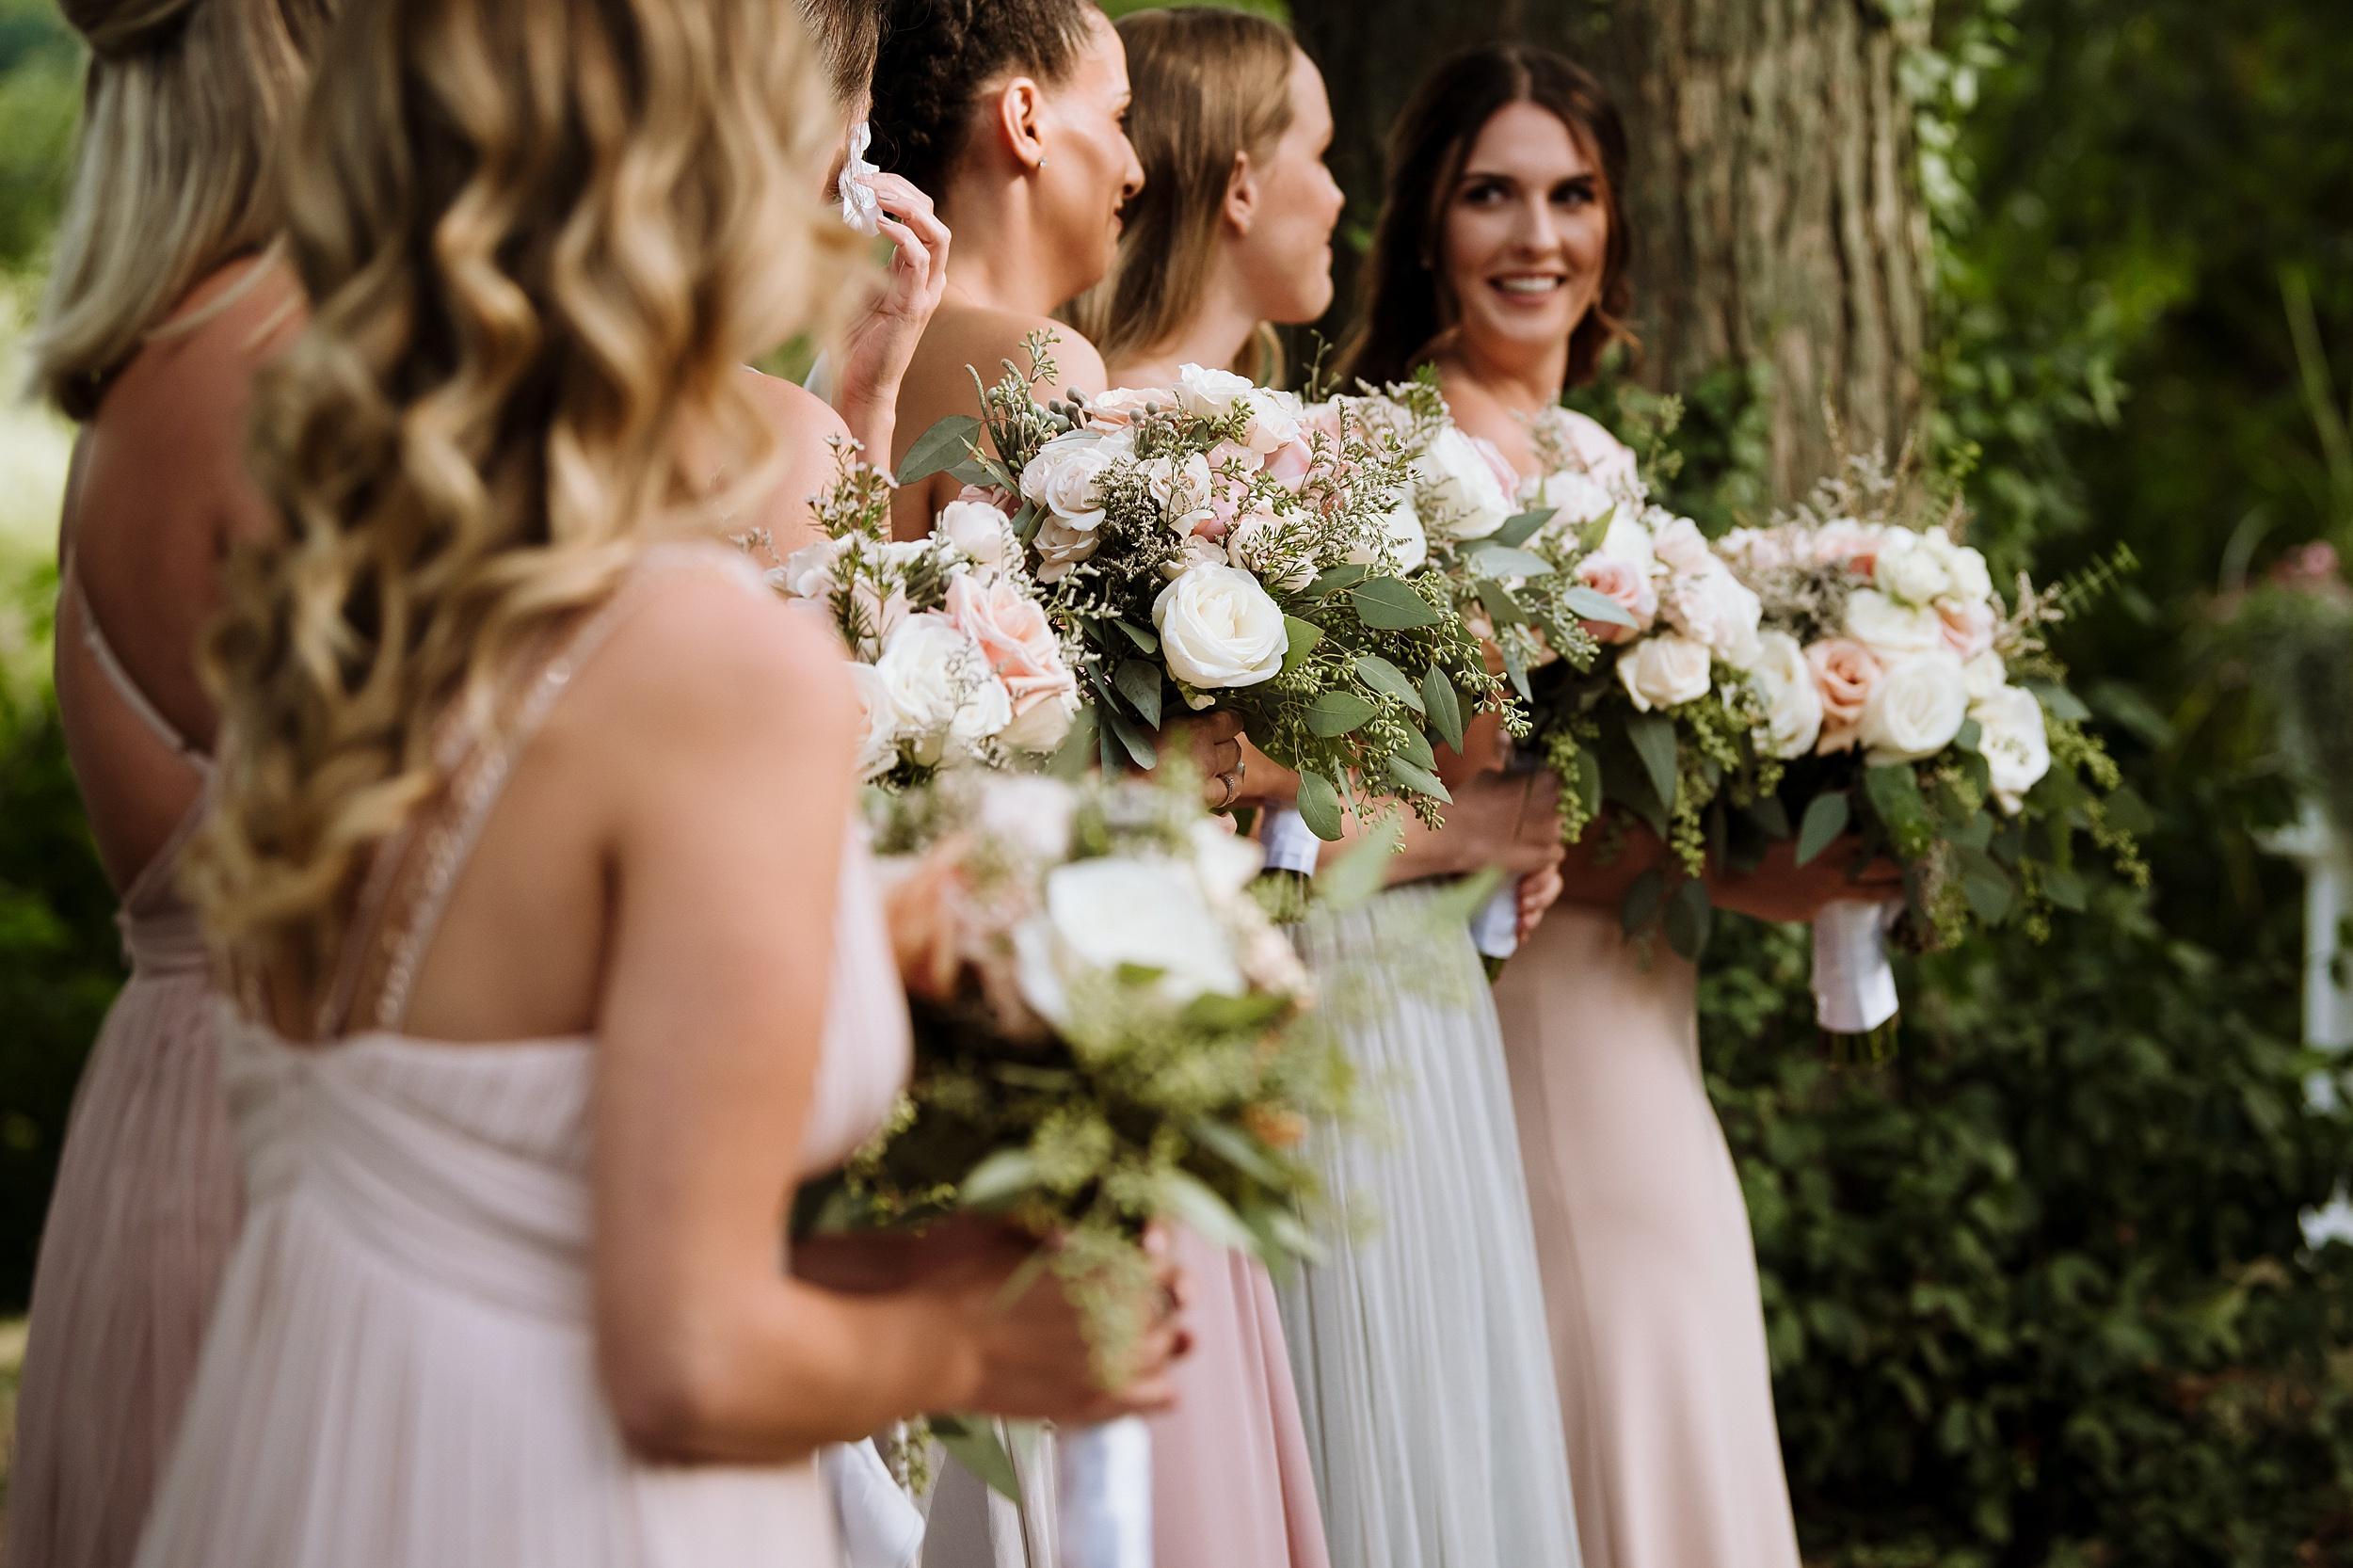 Rustic_Backyard_Wedding_Toronto_Photographer098.jpg